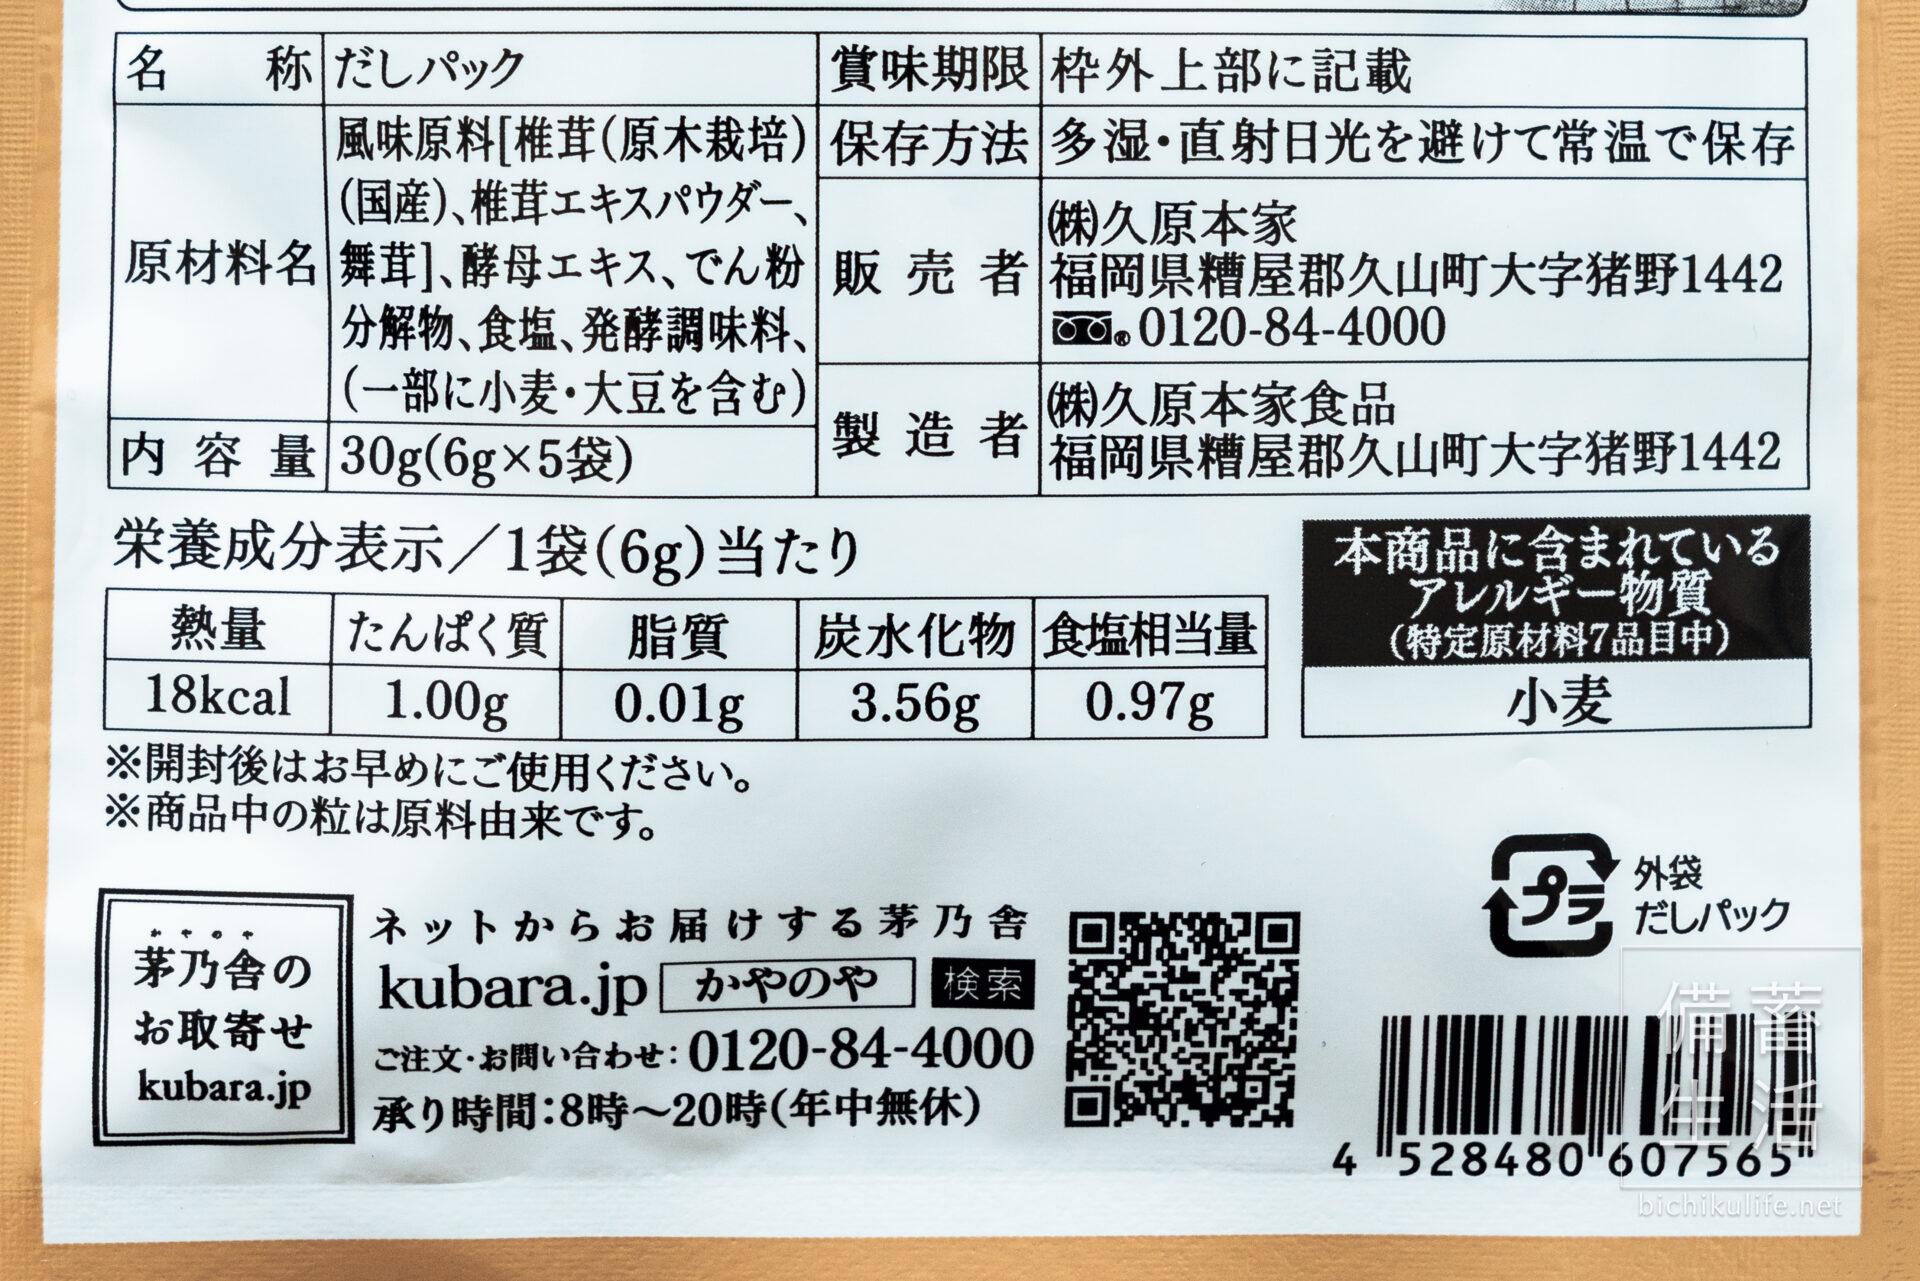 茅乃舎の椎茸だしの商品概要・栄養成分表示